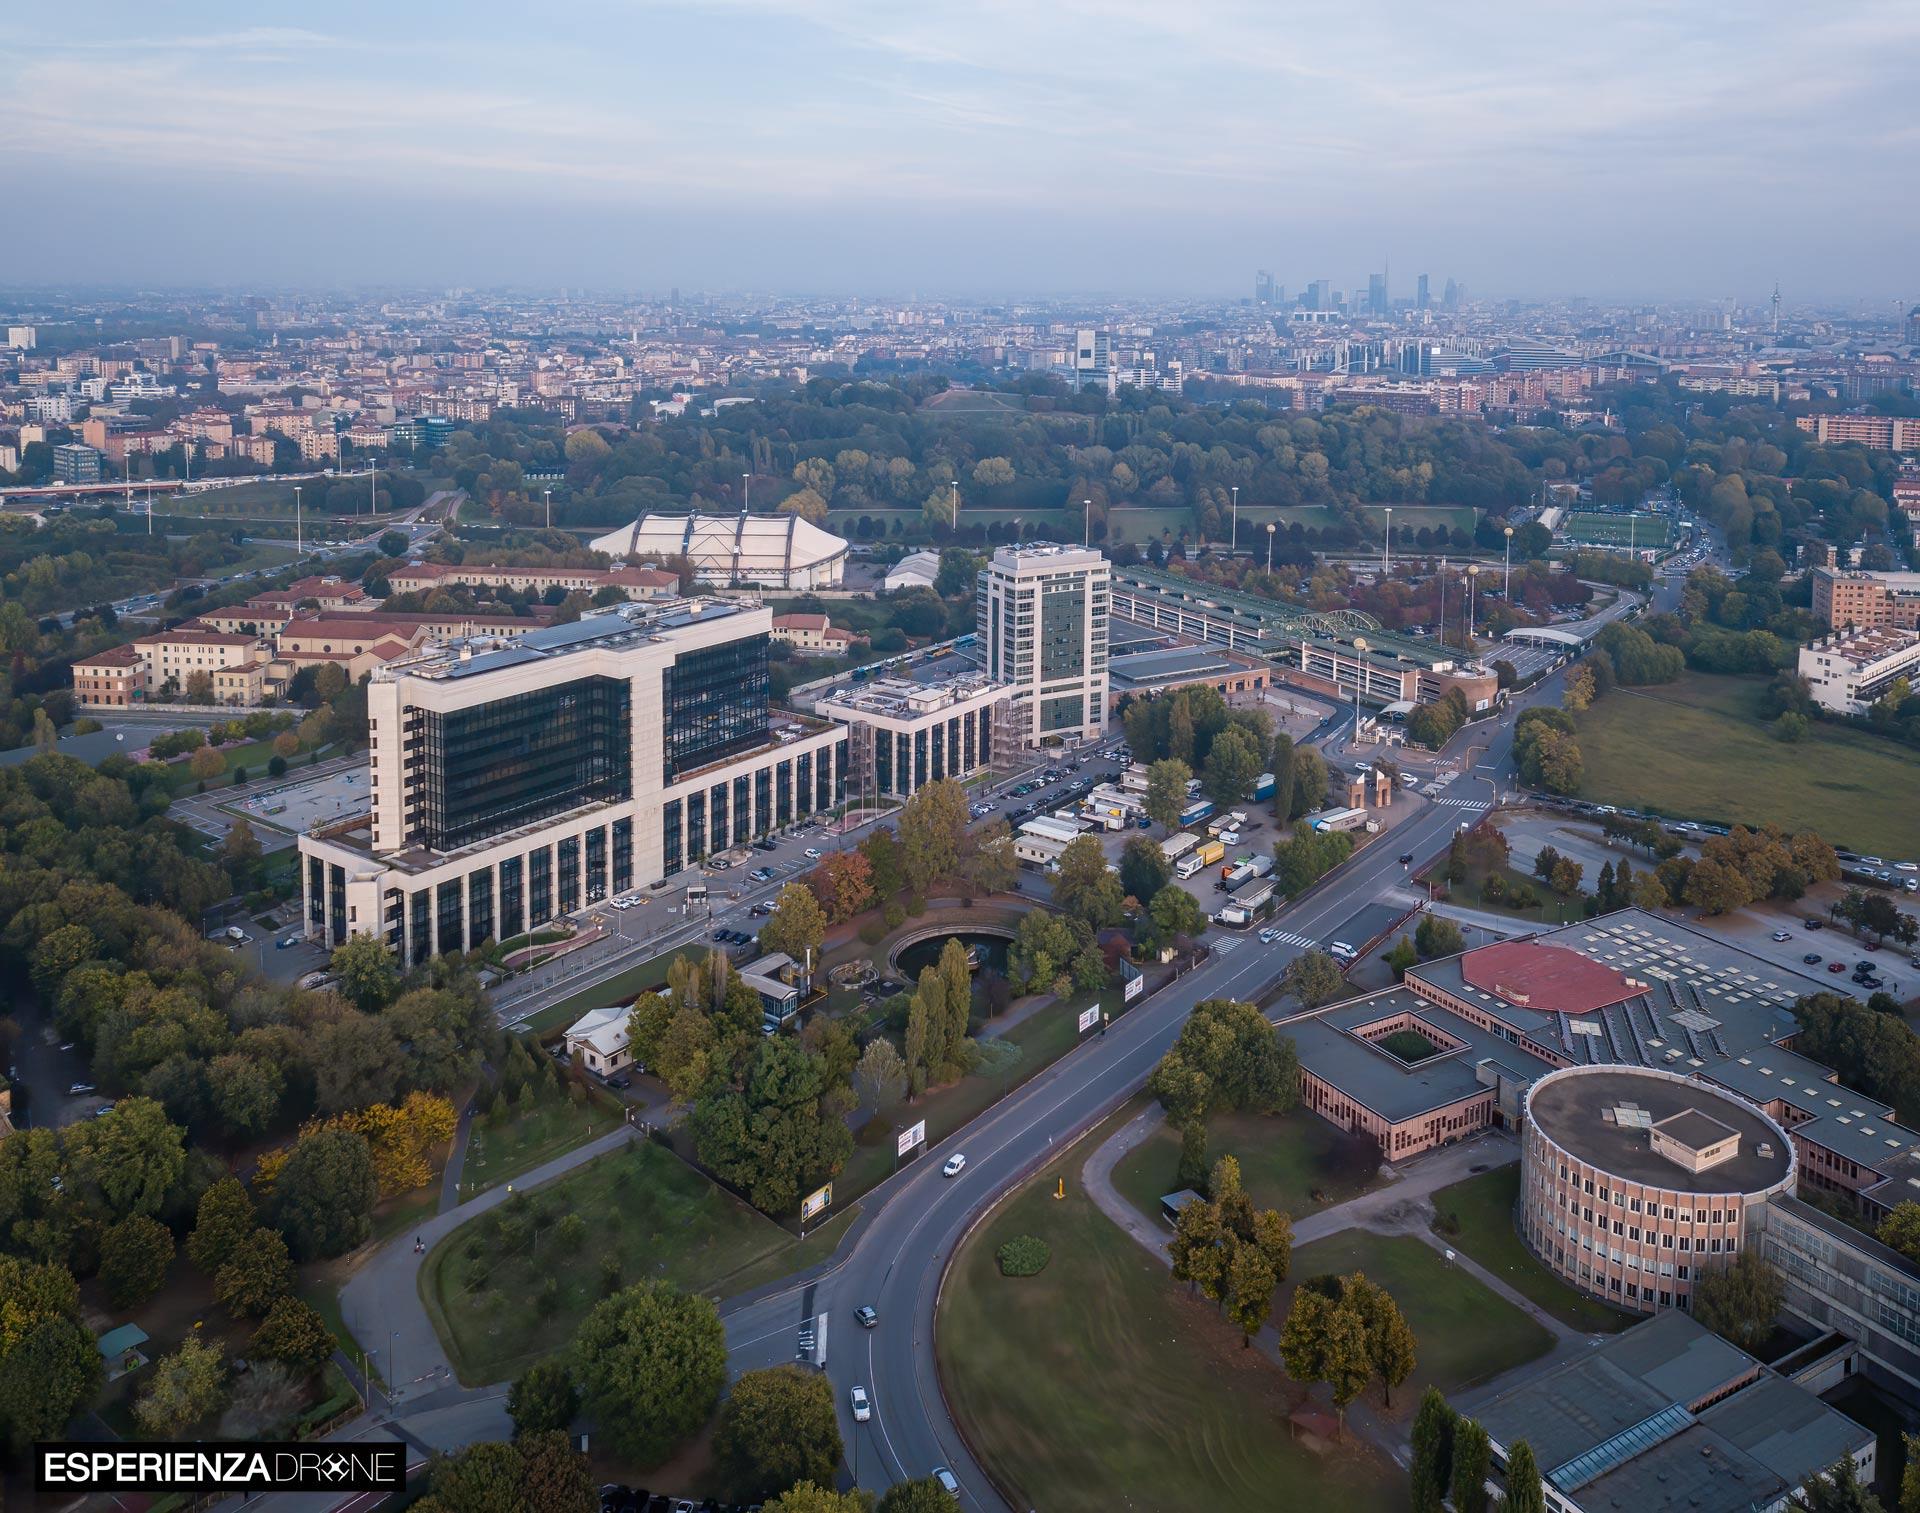 esperienza drone fotografia aerea portfolio architettura progetto milano parkassociati sei.jpg